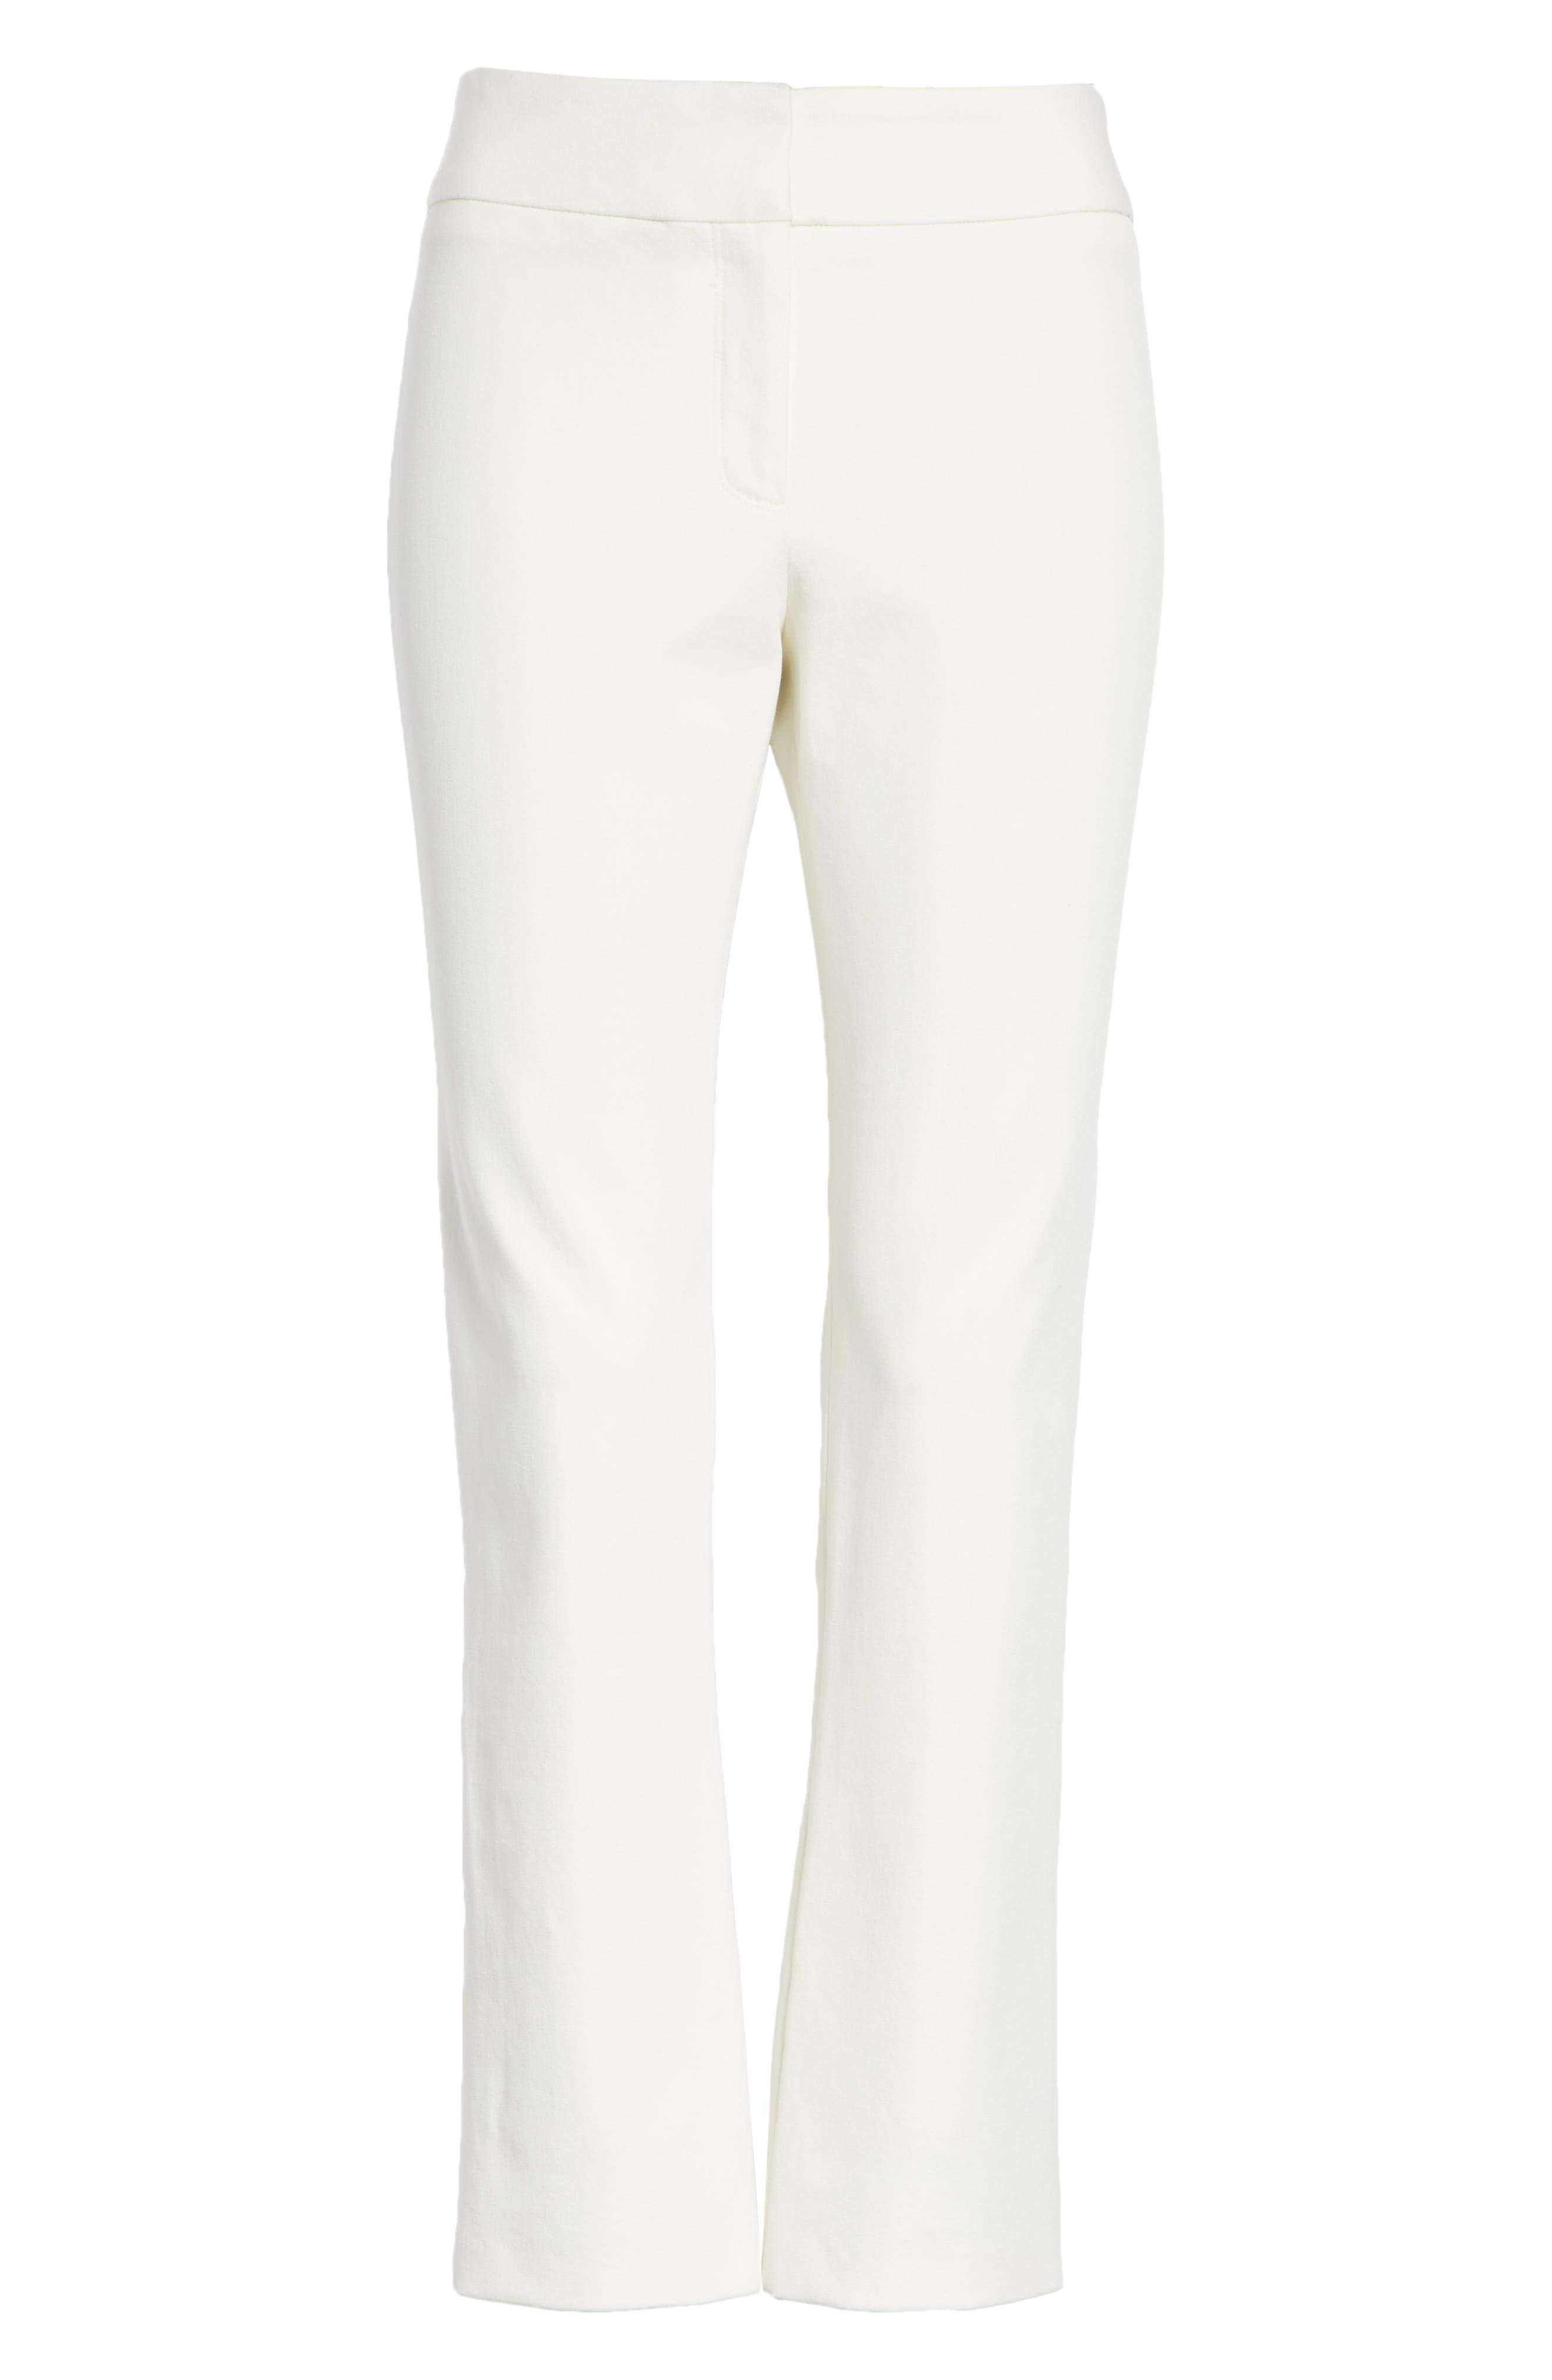 Rumi Slim Leg Pants,                             Alternate thumbnail 6, color,                             OFF-WHITE